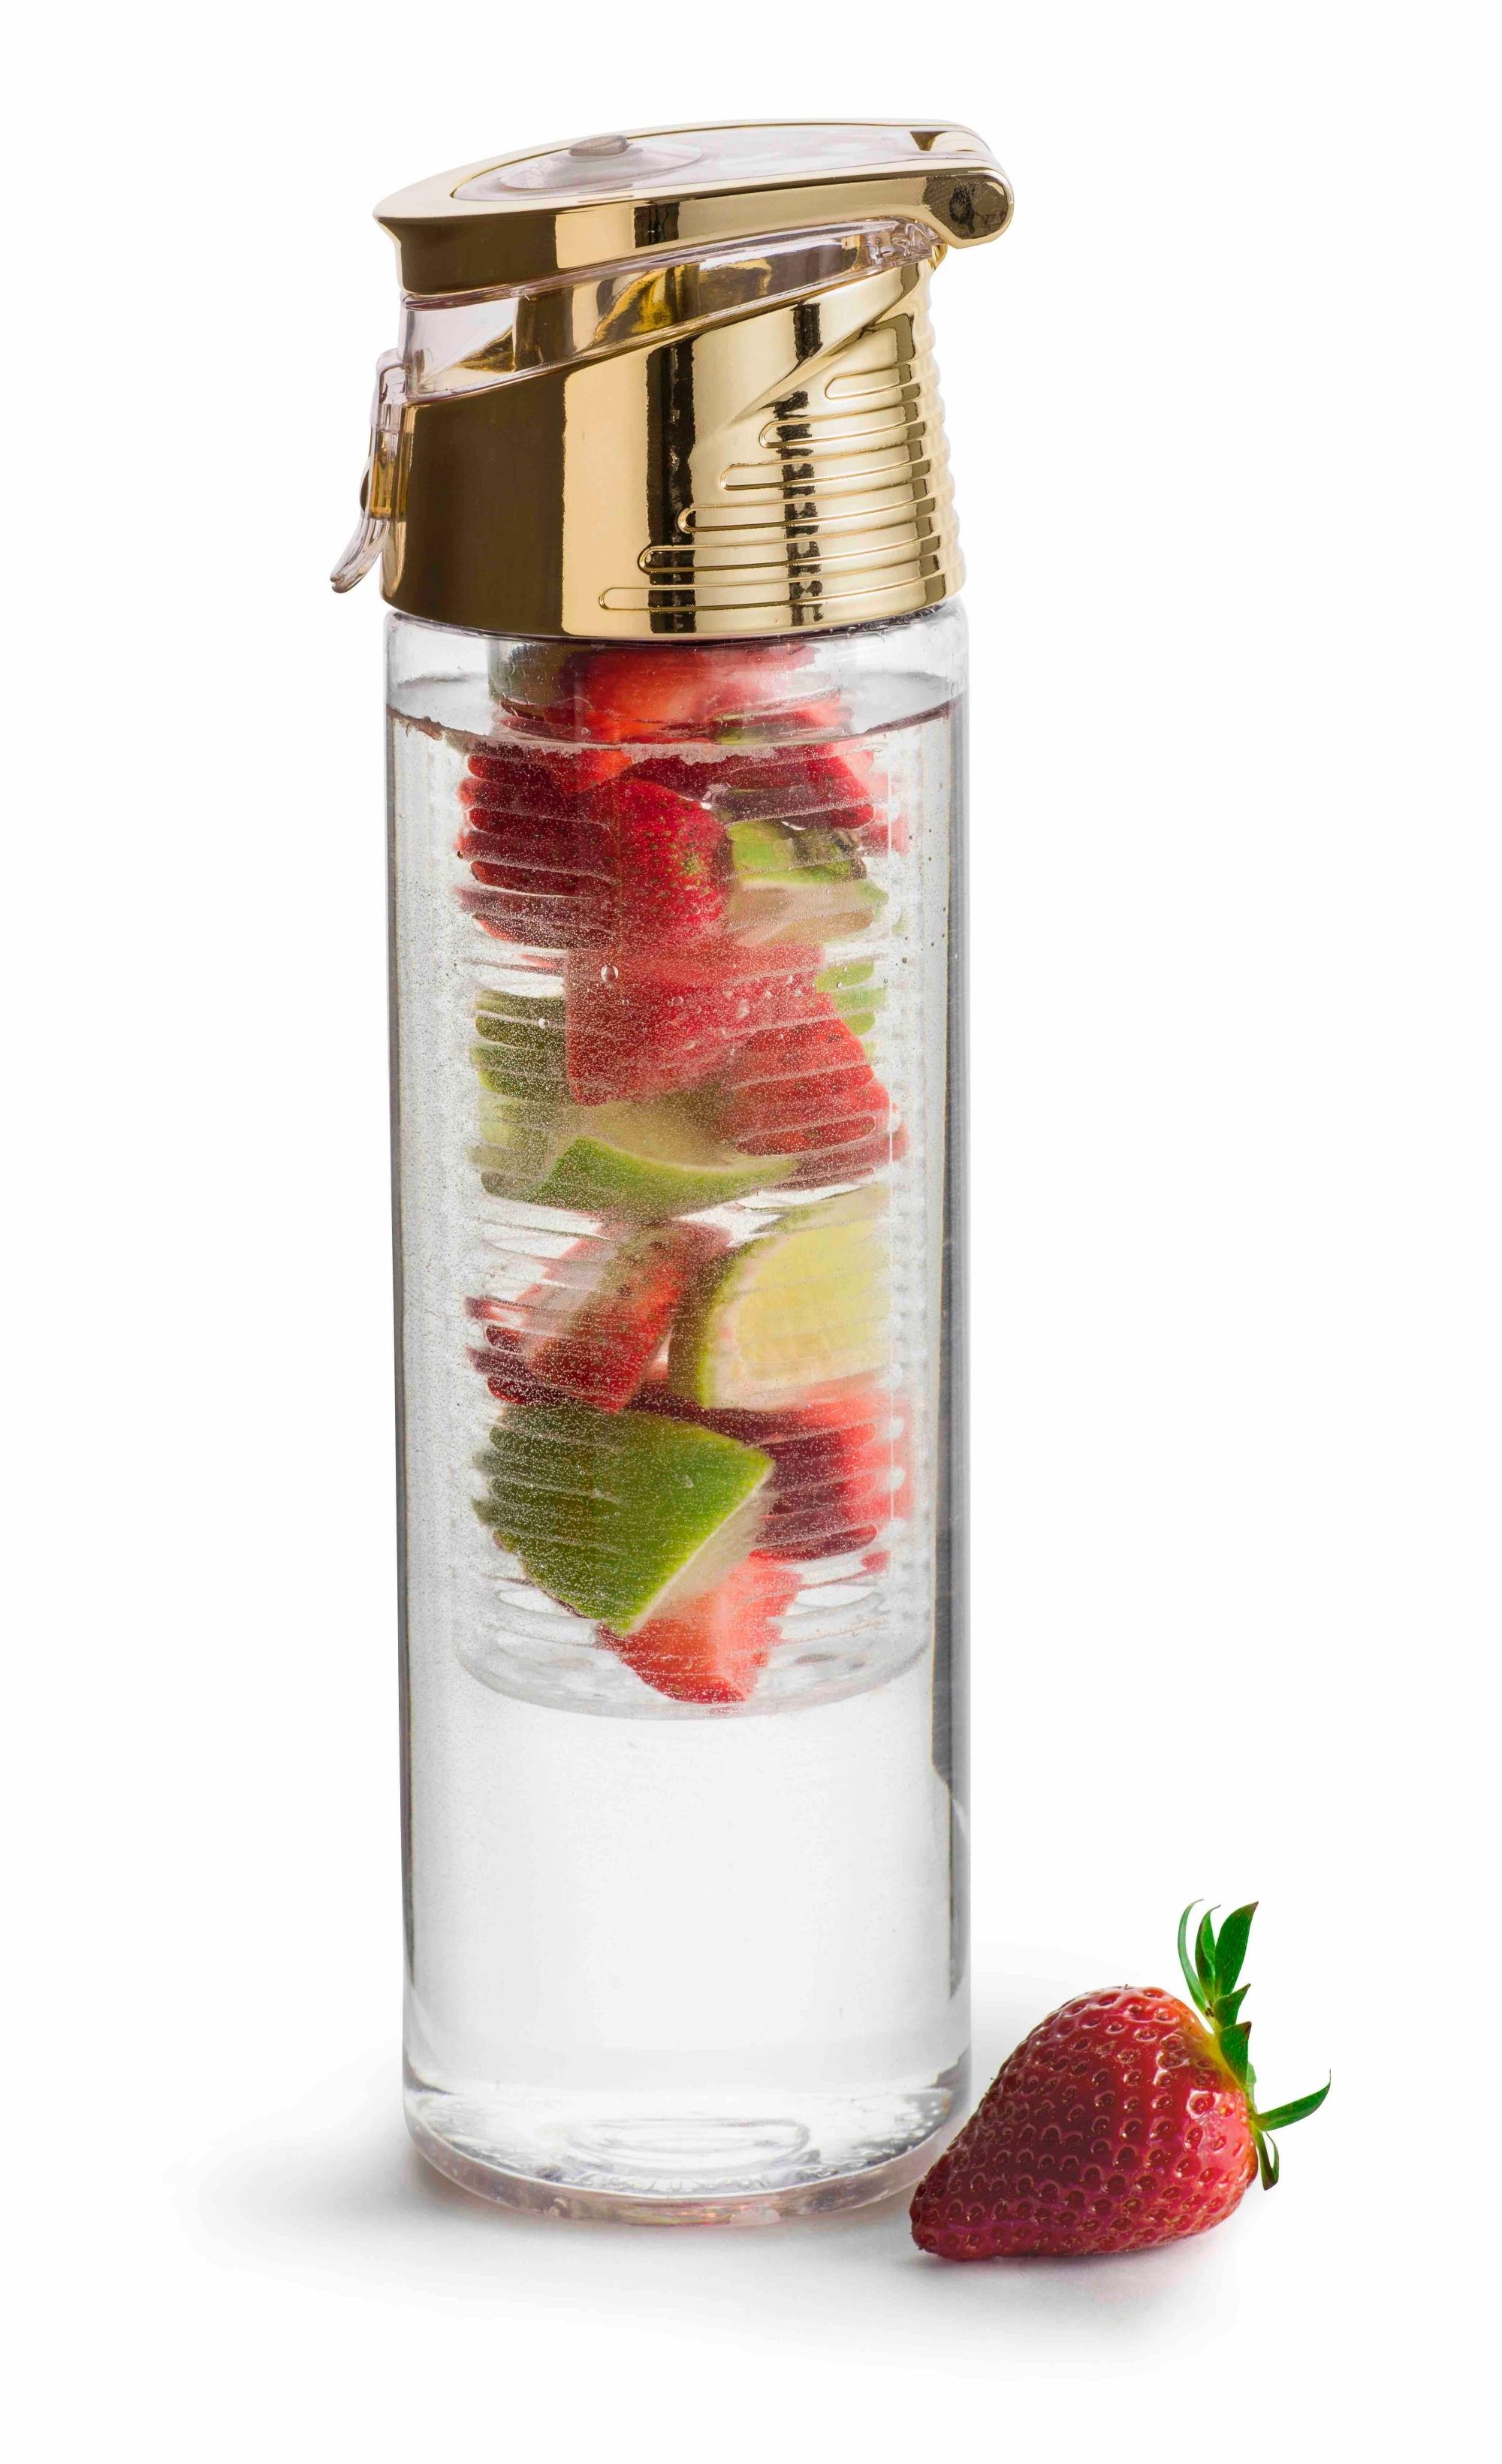 sagaform fresh trinkflasche neu mit fruchteinsatz gold to go freizeit fitness. Black Bedroom Furniture Sets. Home Design Ideas